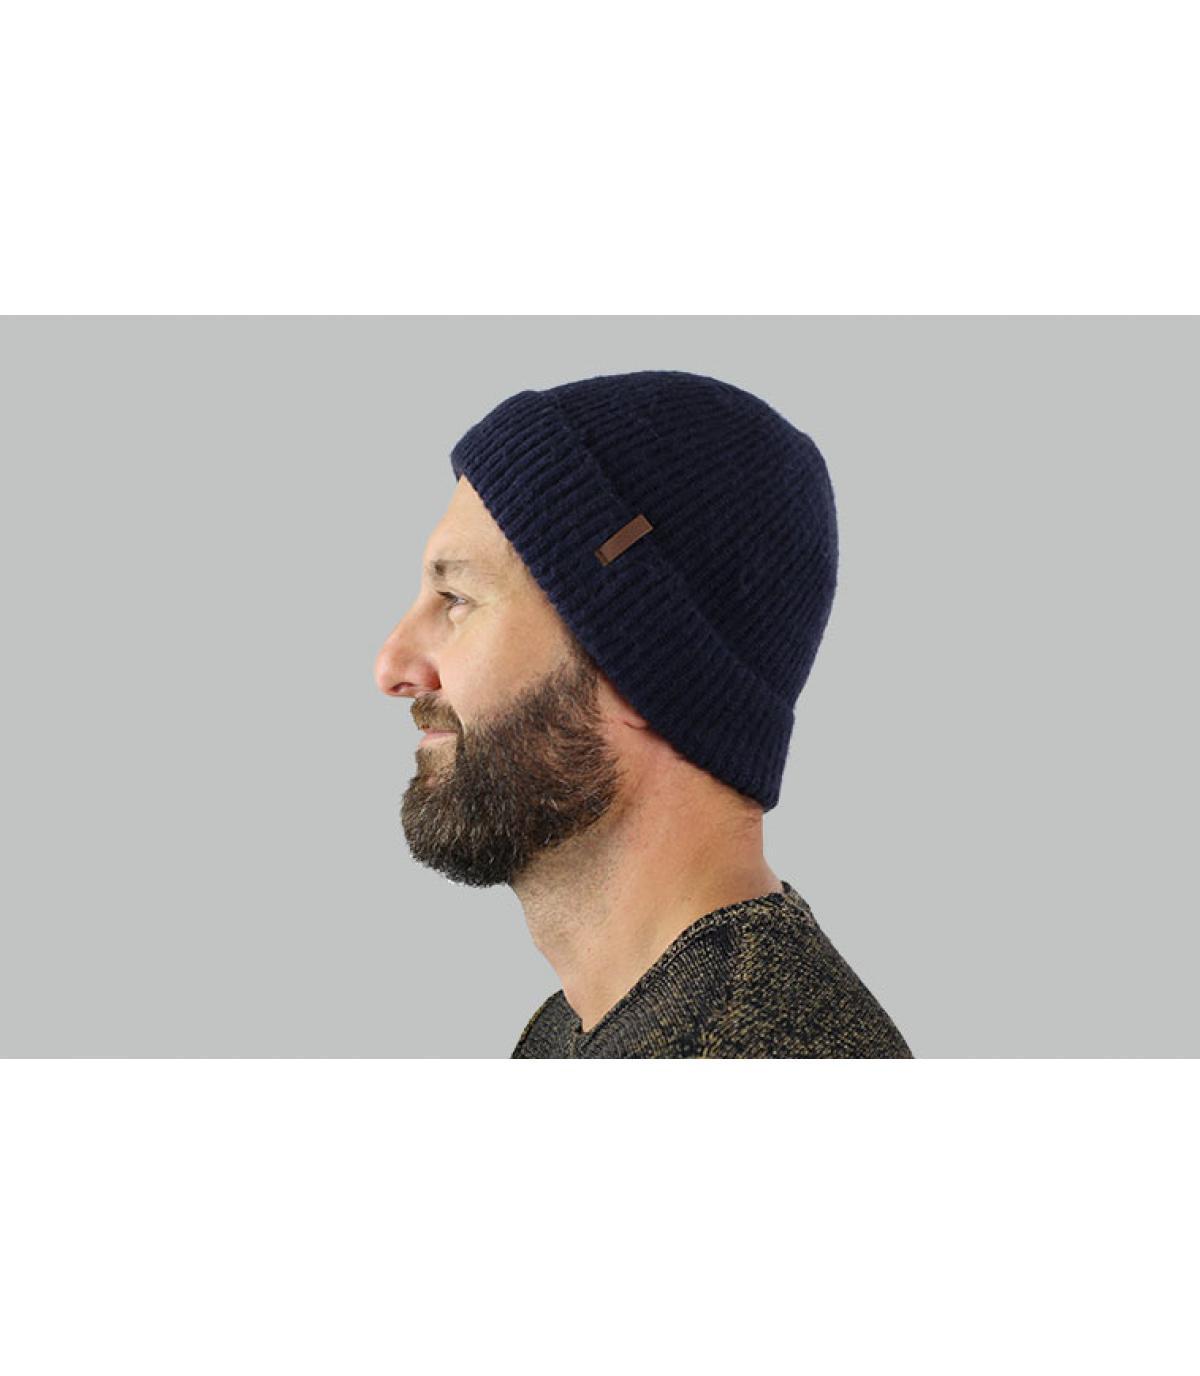 Mütze Revers Rippstrick blau